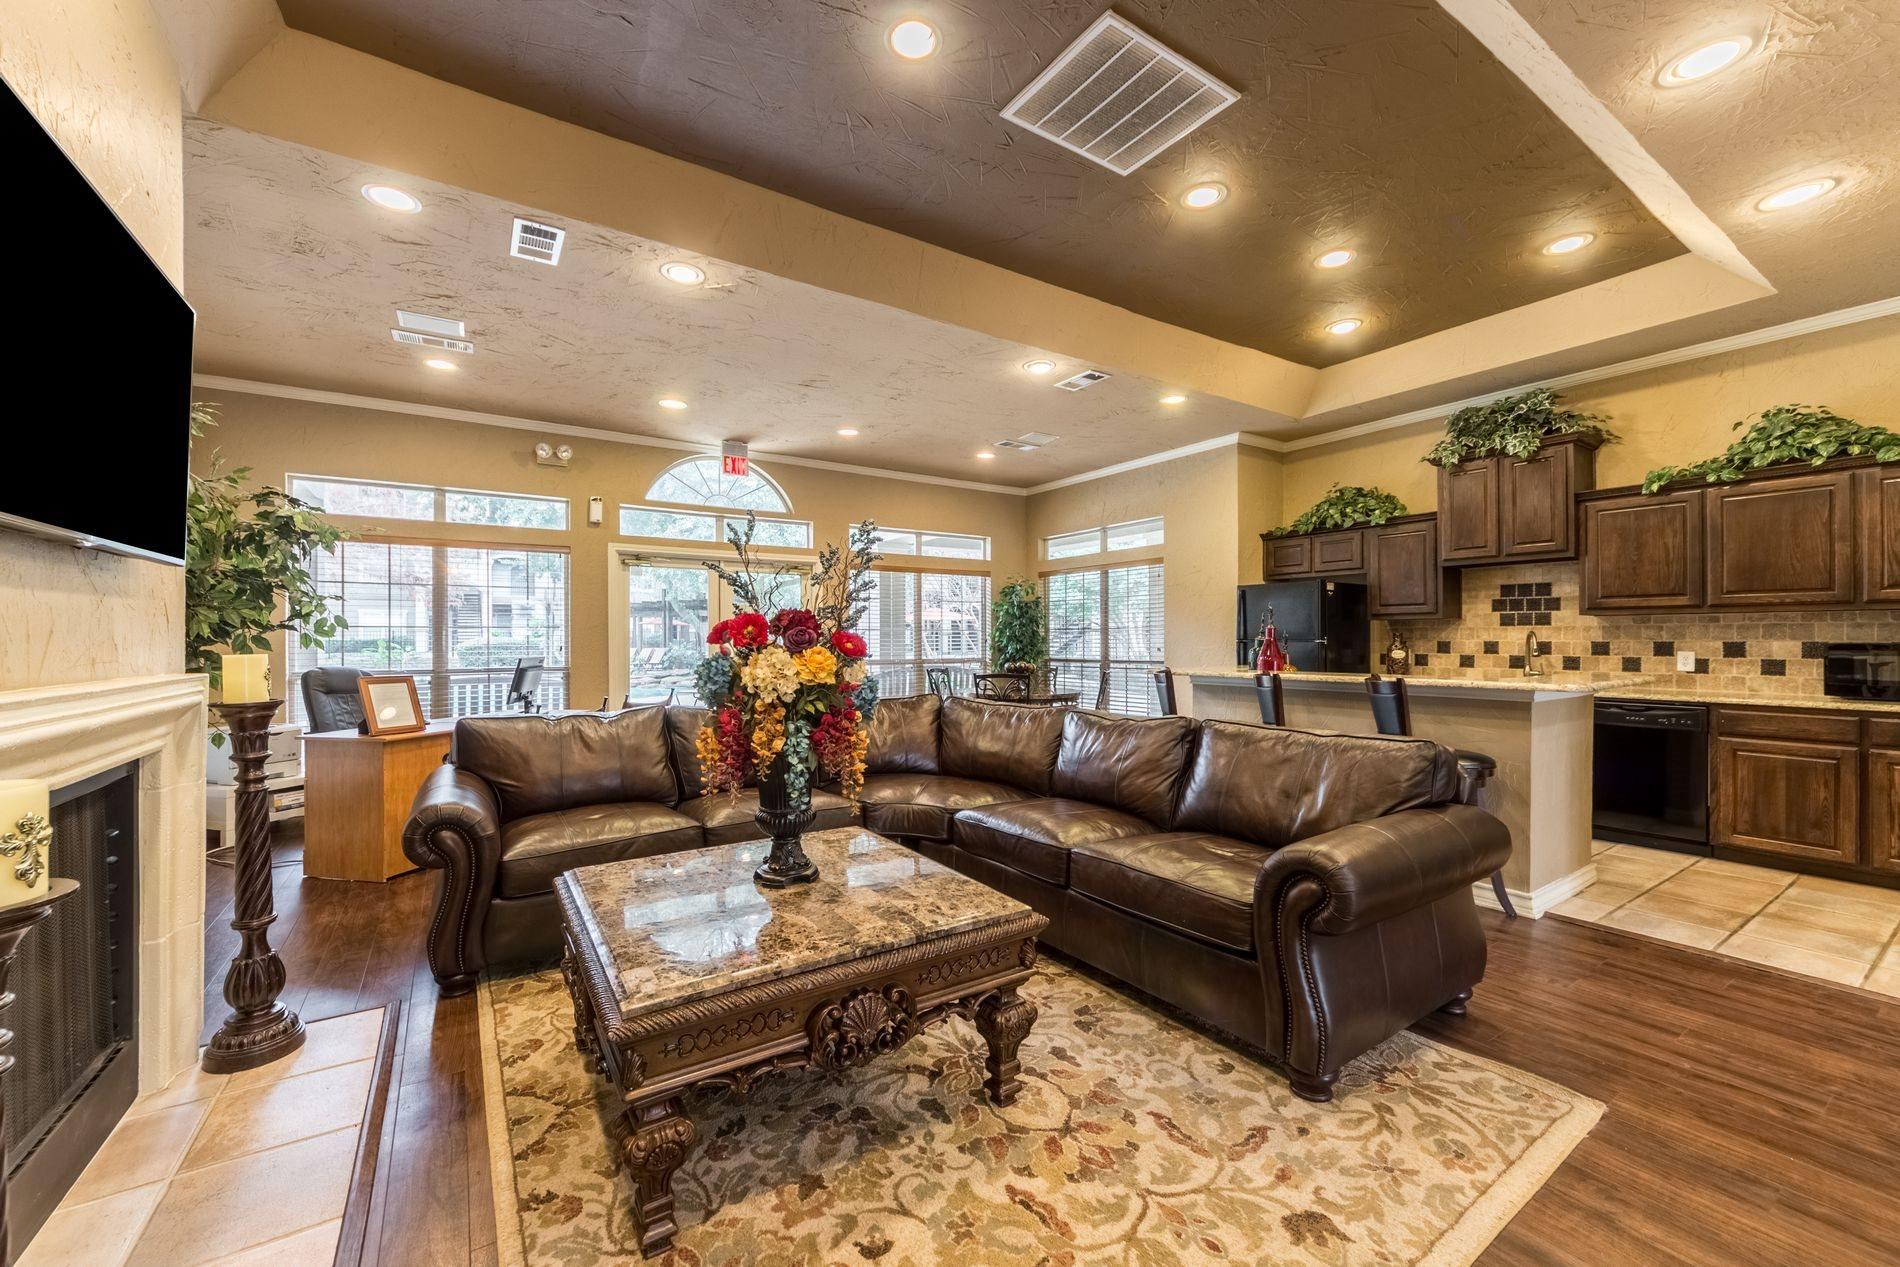 La Costa Villas Apartments Dallas Tx